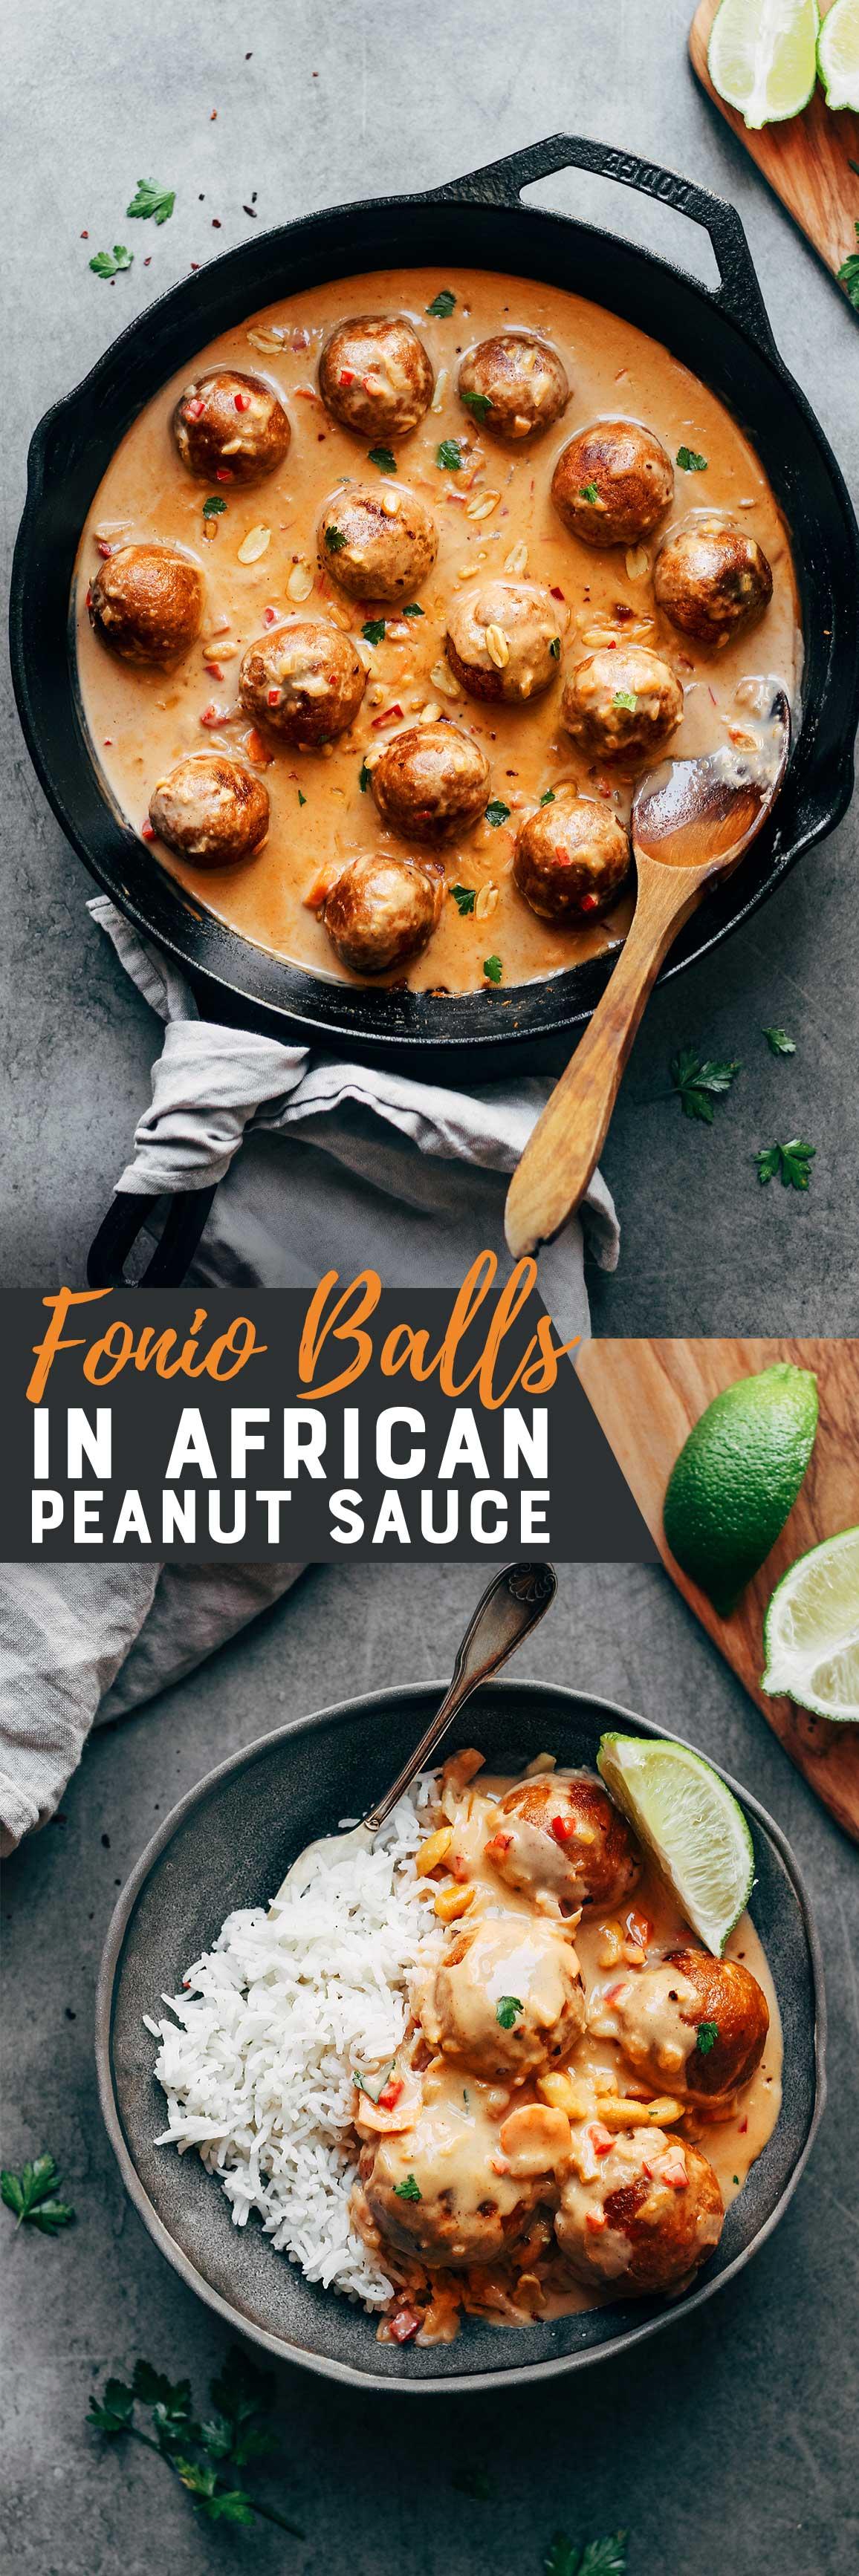 Fonio Balls in African Peanut Sauce (Vegan)